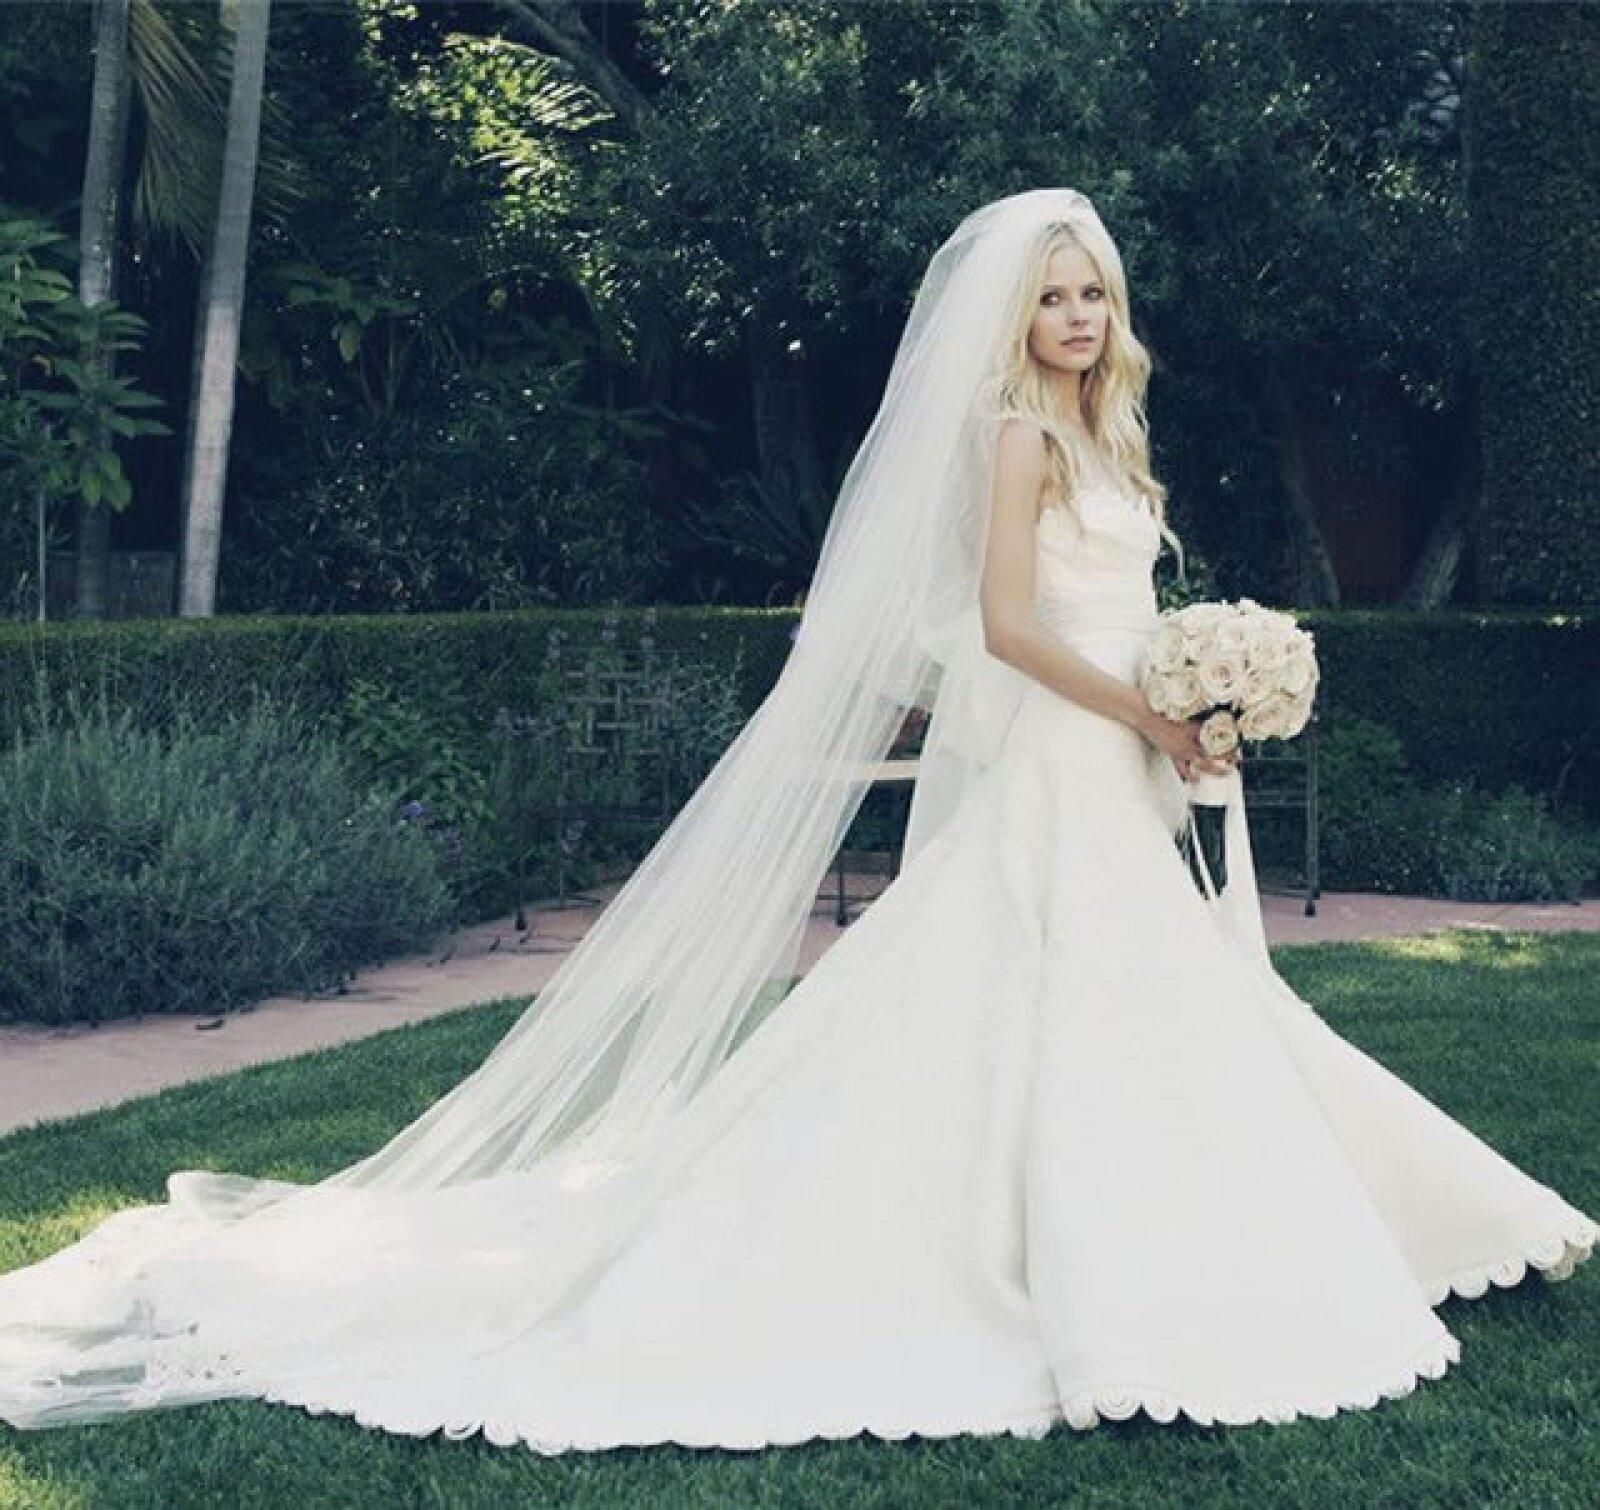 Avril Lavigne: La cantante llevó un modelo con escote de corazón y cola amplia que complementó con un velo de encaje. Definitivamente, lo que imaginarías que llevaría una princesa de un cuento de hadas.